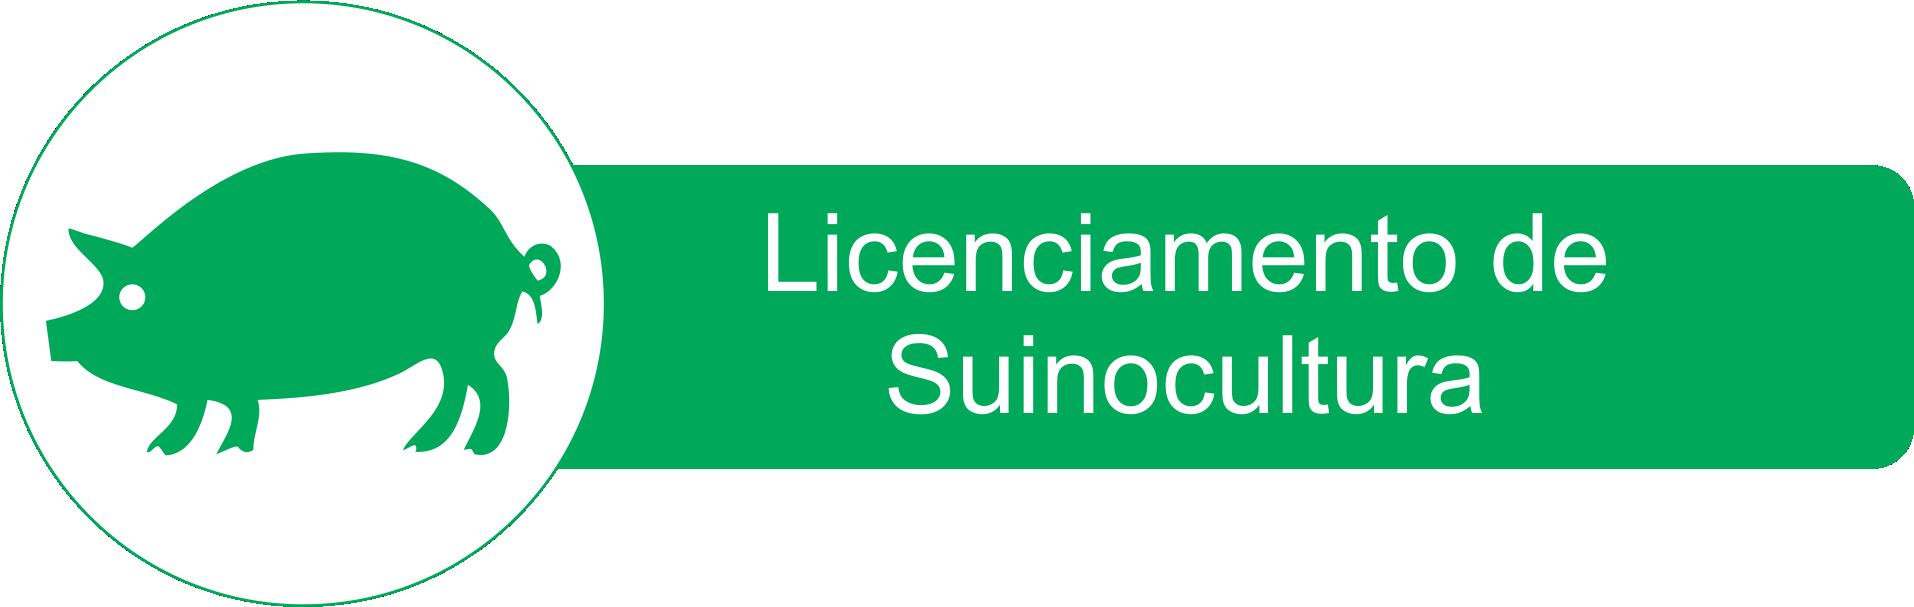 Licenciamento de Suinocultura